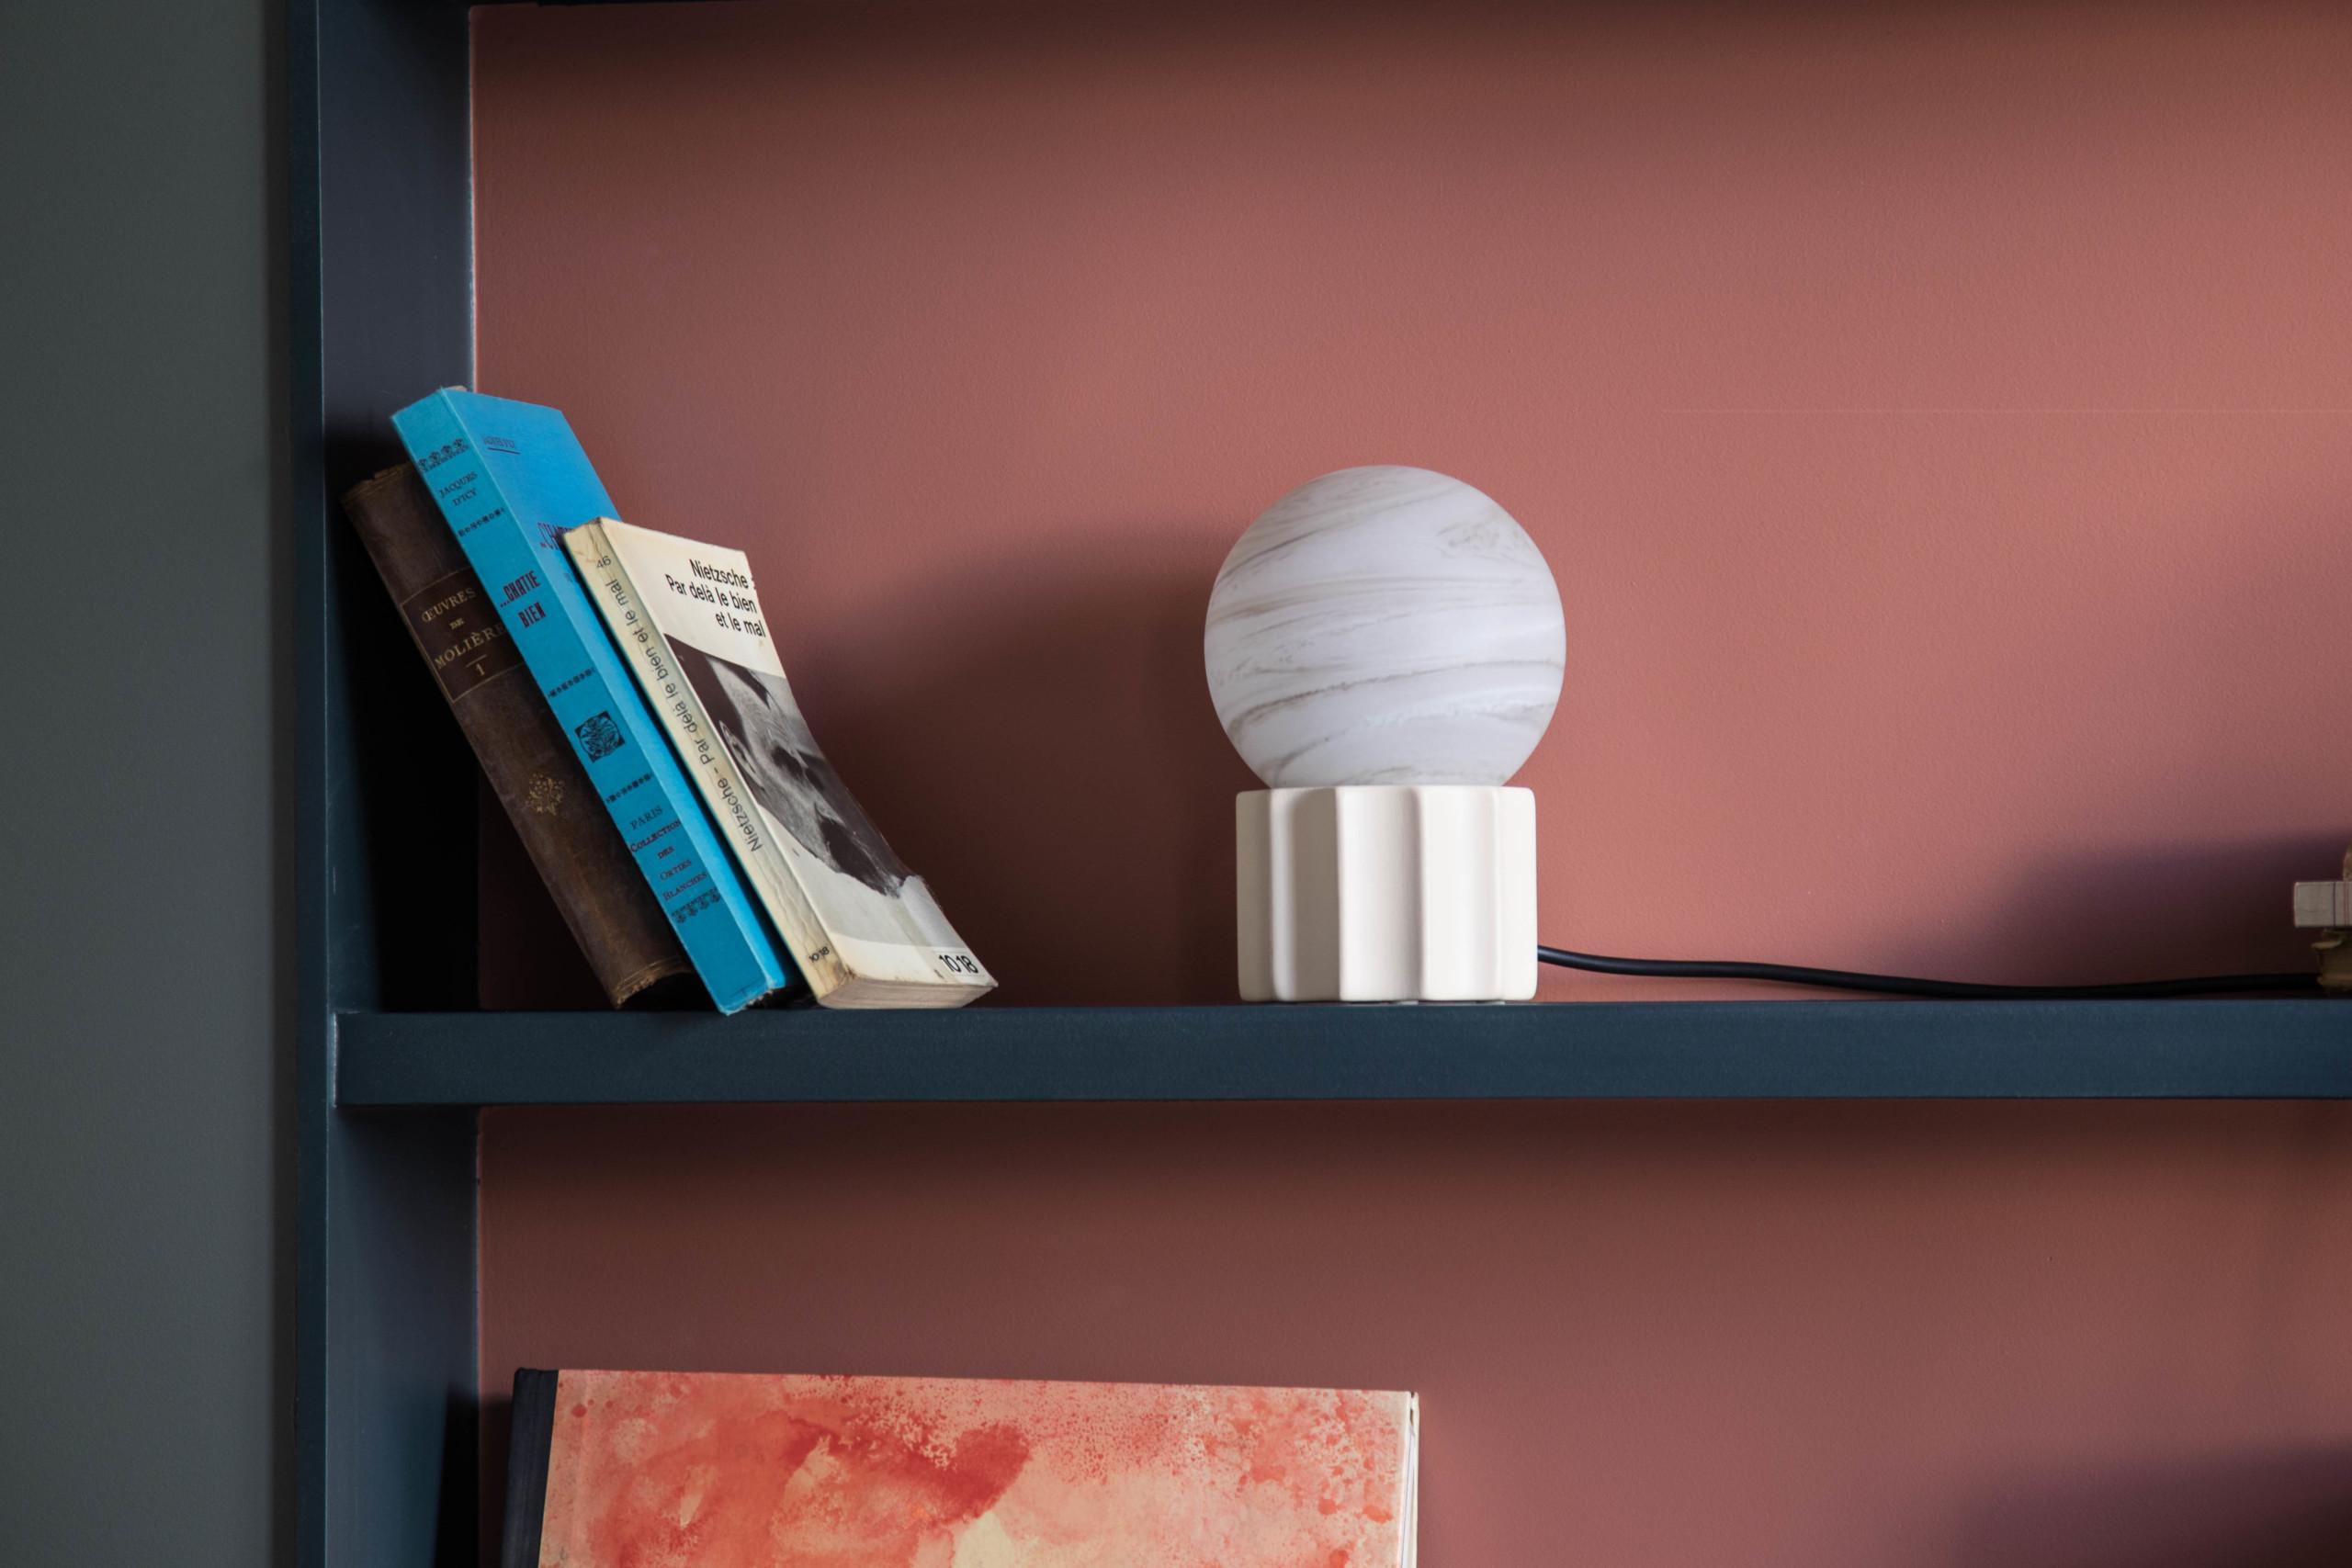 Lampe à poser Piccola, l'artisanat <br>au service d'un style unique